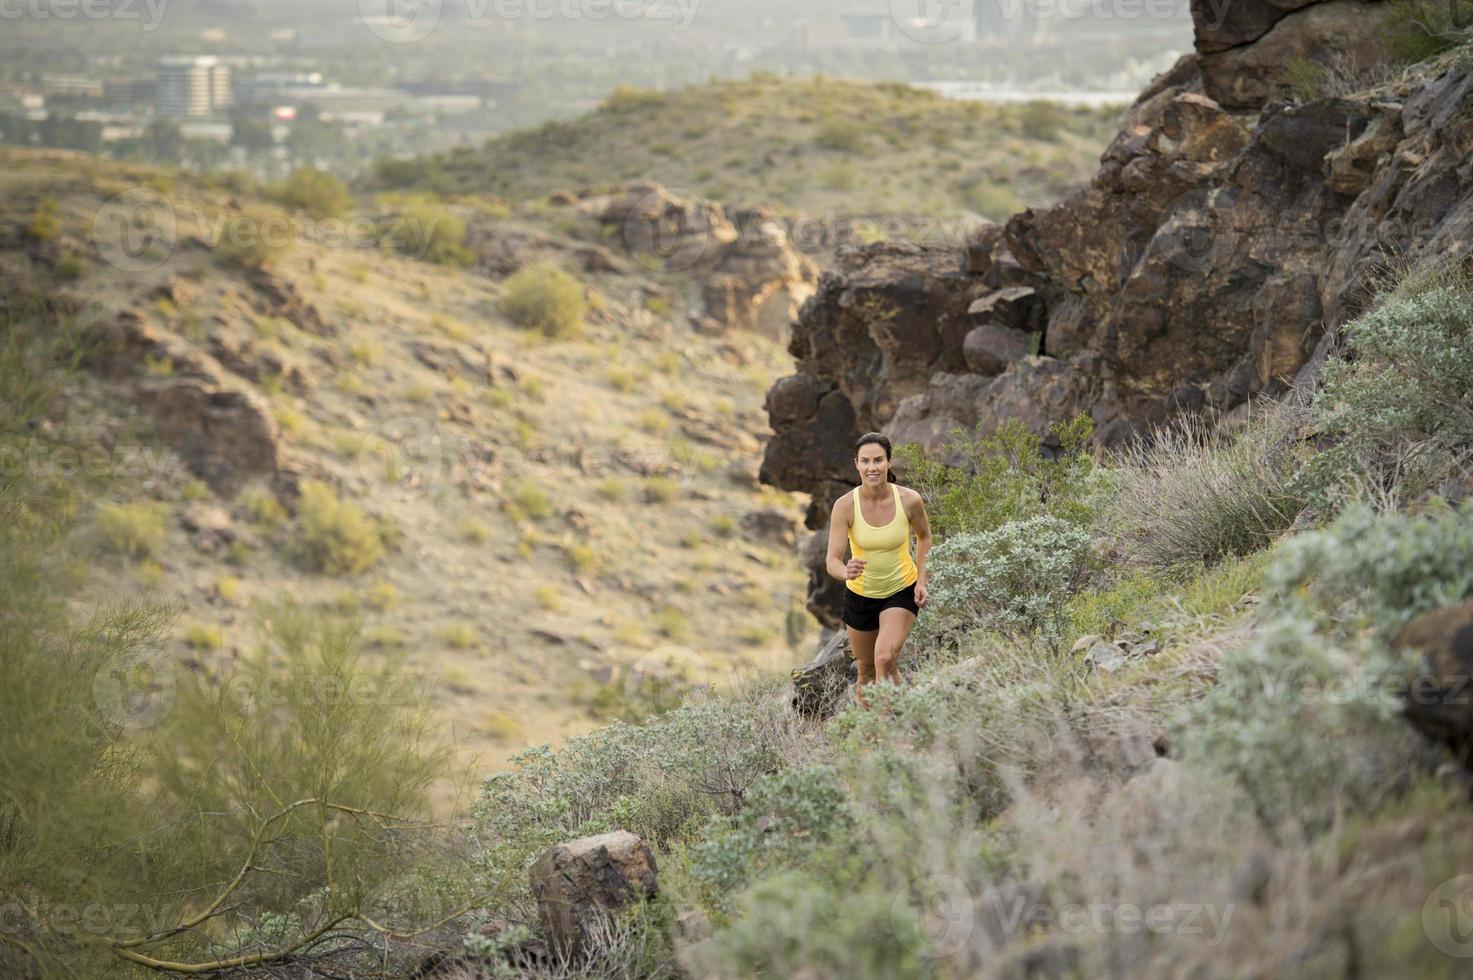 corrida em trilha no deserto foto